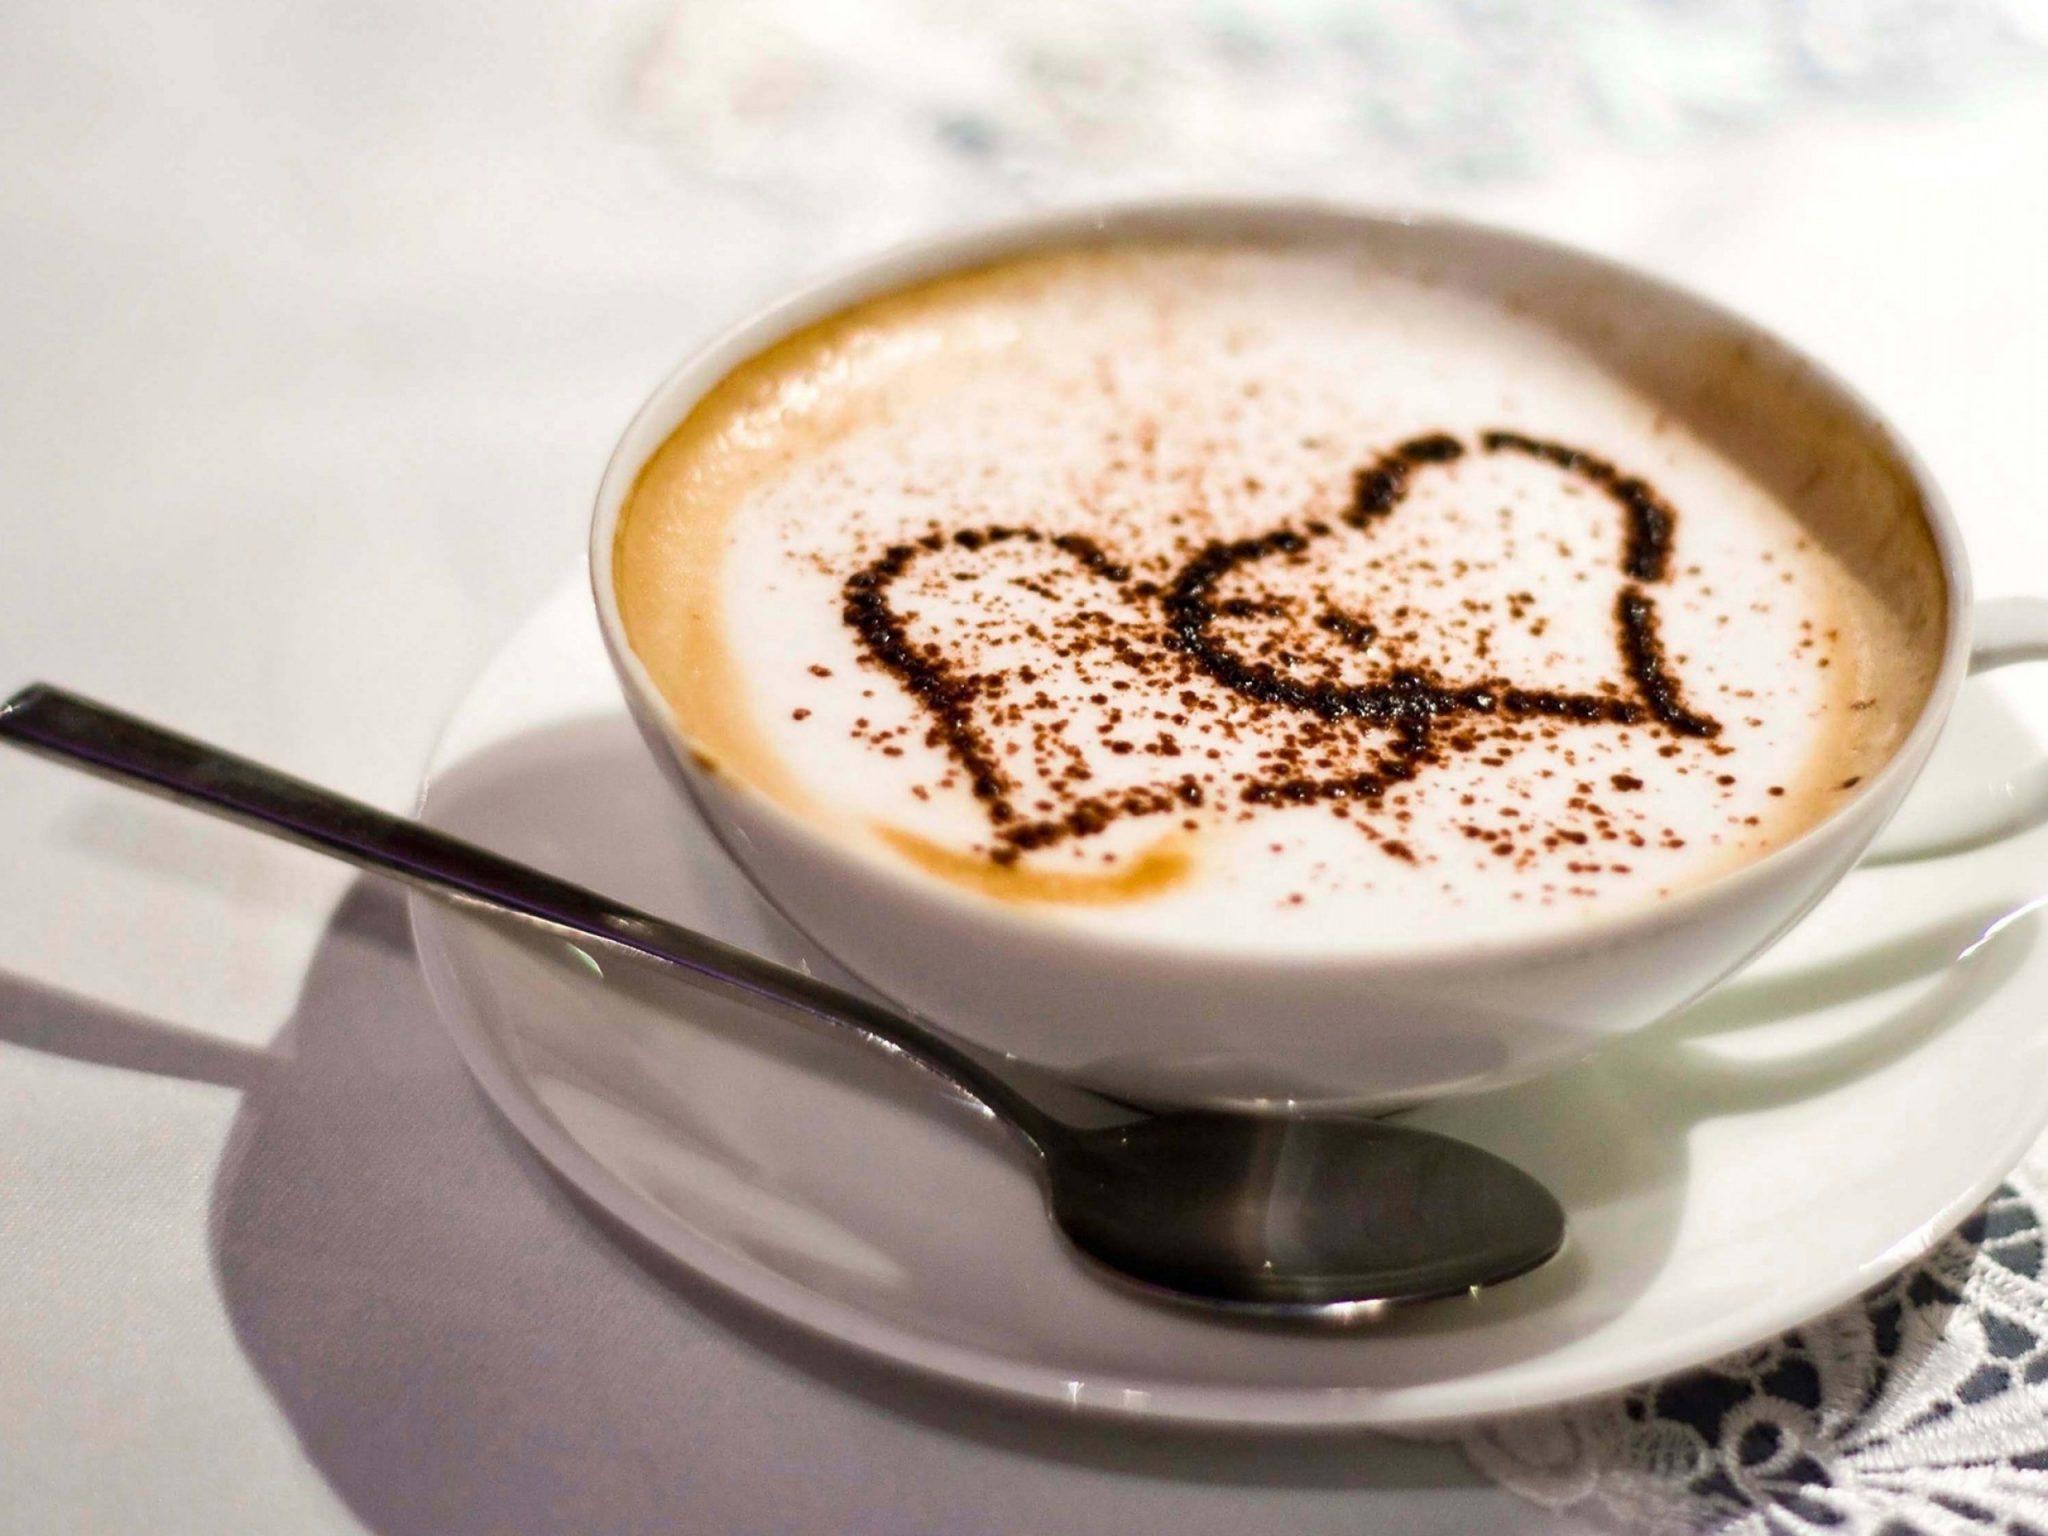 nhung-hinh-nen-ly-cafe-dep-ve-tinh-yeu-ngot-ngao-va-lang-man-nhat-5